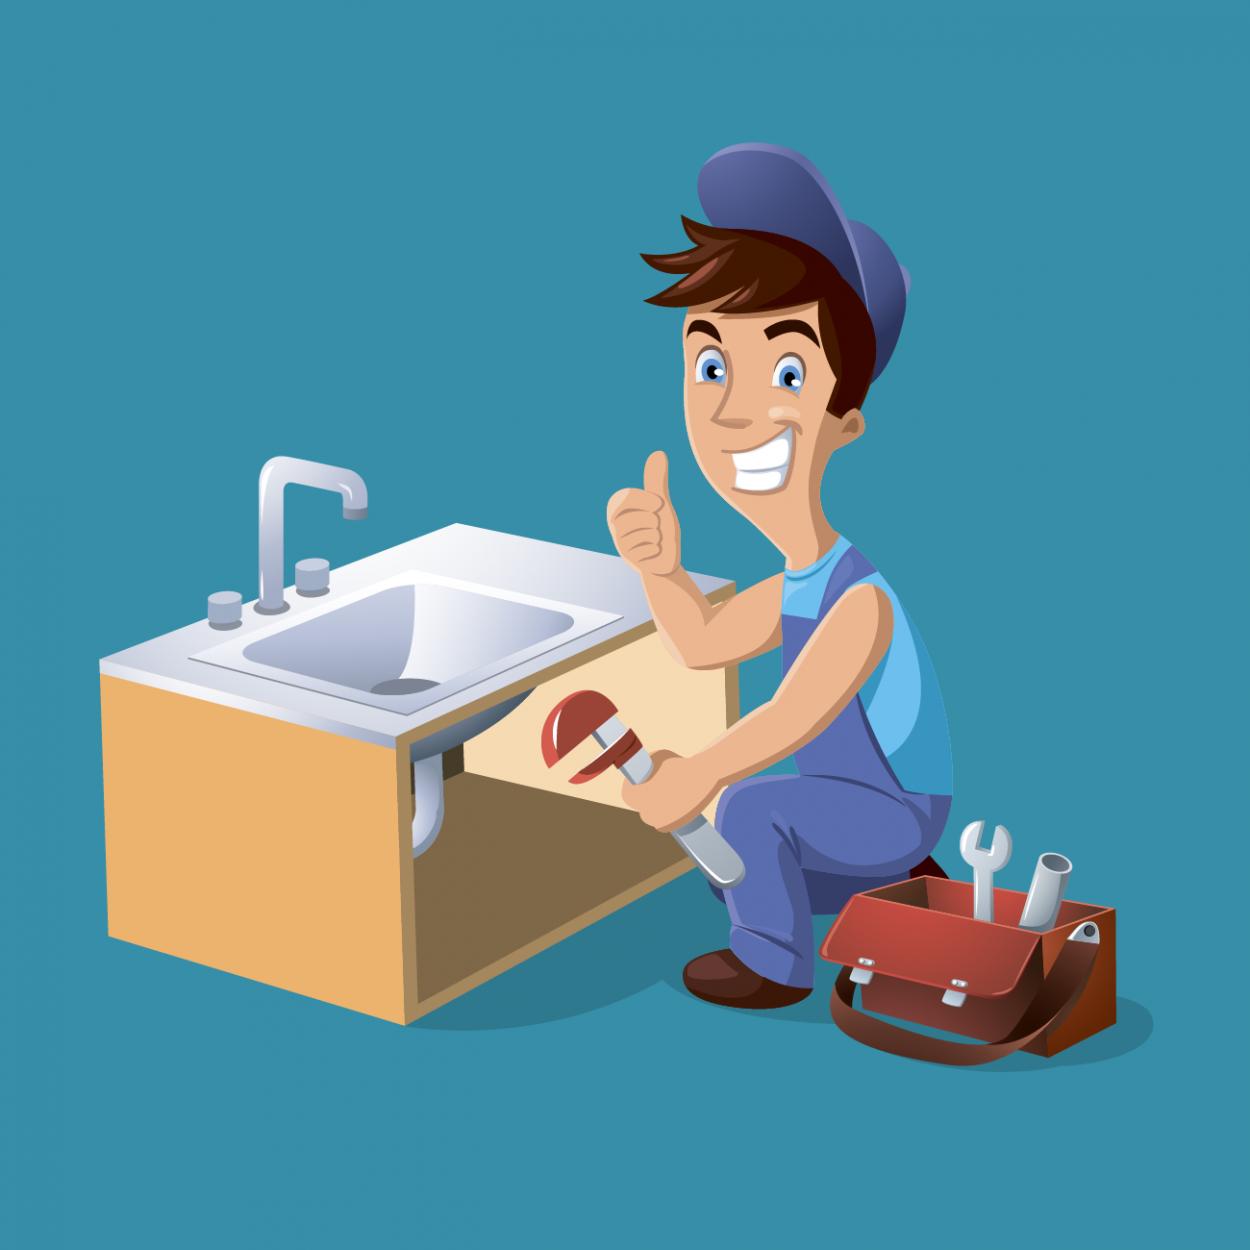 Иллюстрация к анекдоту про молодого сантехника и ржавый гвоздь